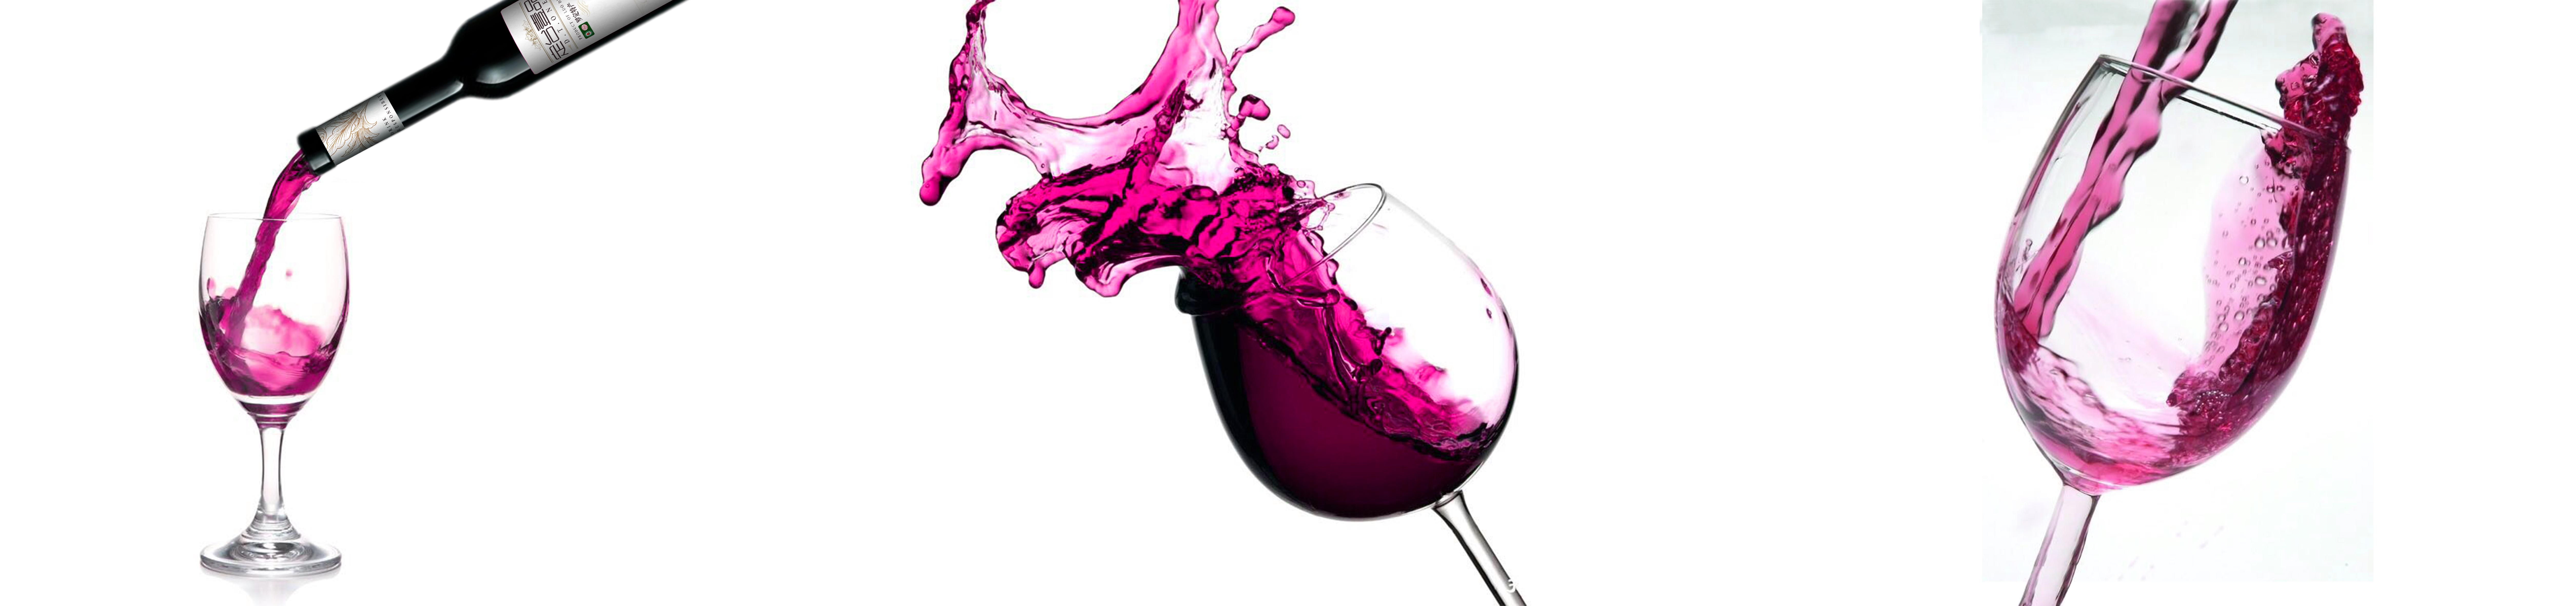 Красная и белая телесная Лучшая цена, хорошо для здоровья, органический Дракон фрукт, свежее вино